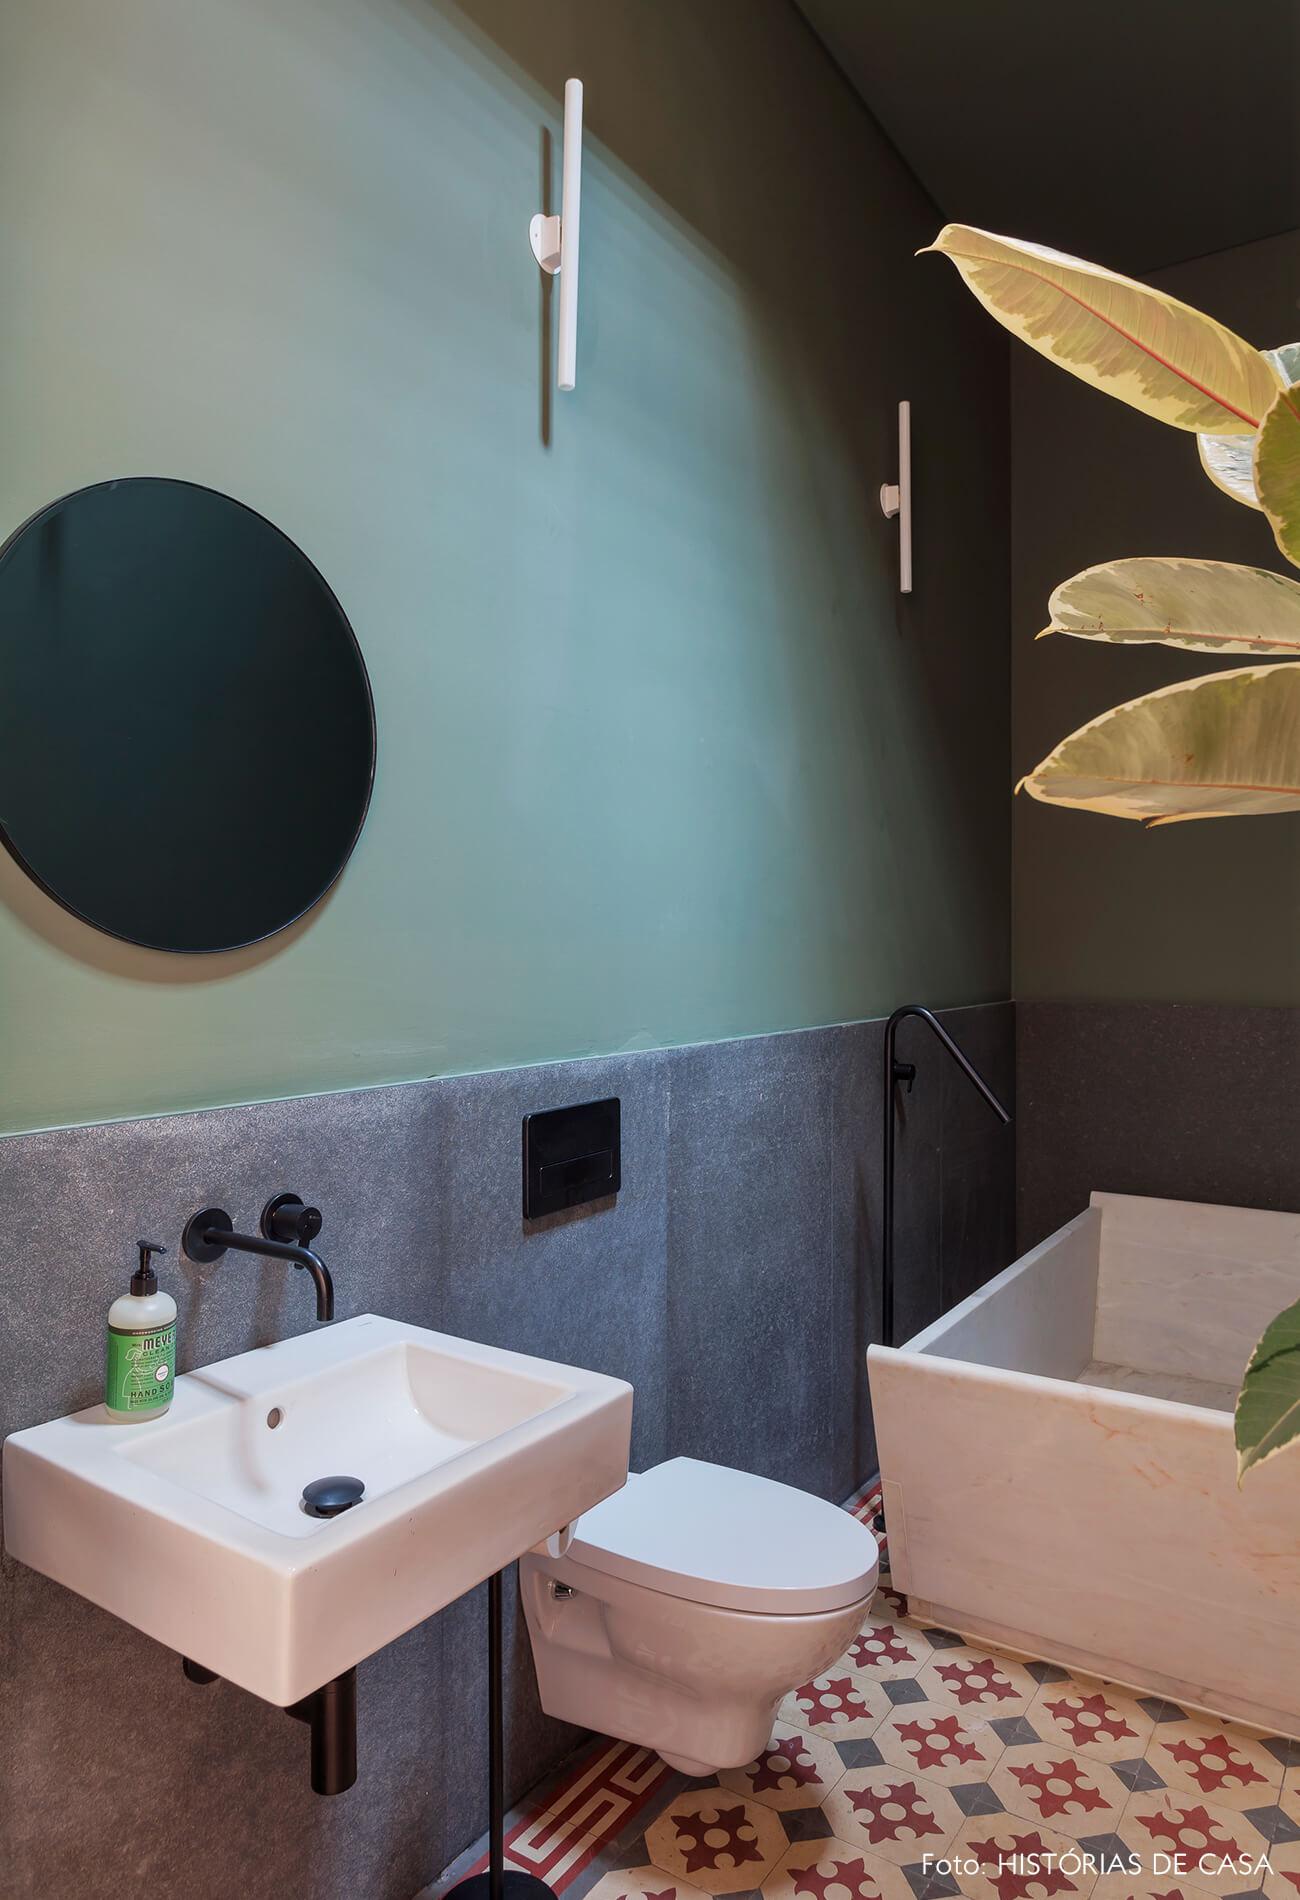 Banheiro com piso de ladrilhos hidráulicos